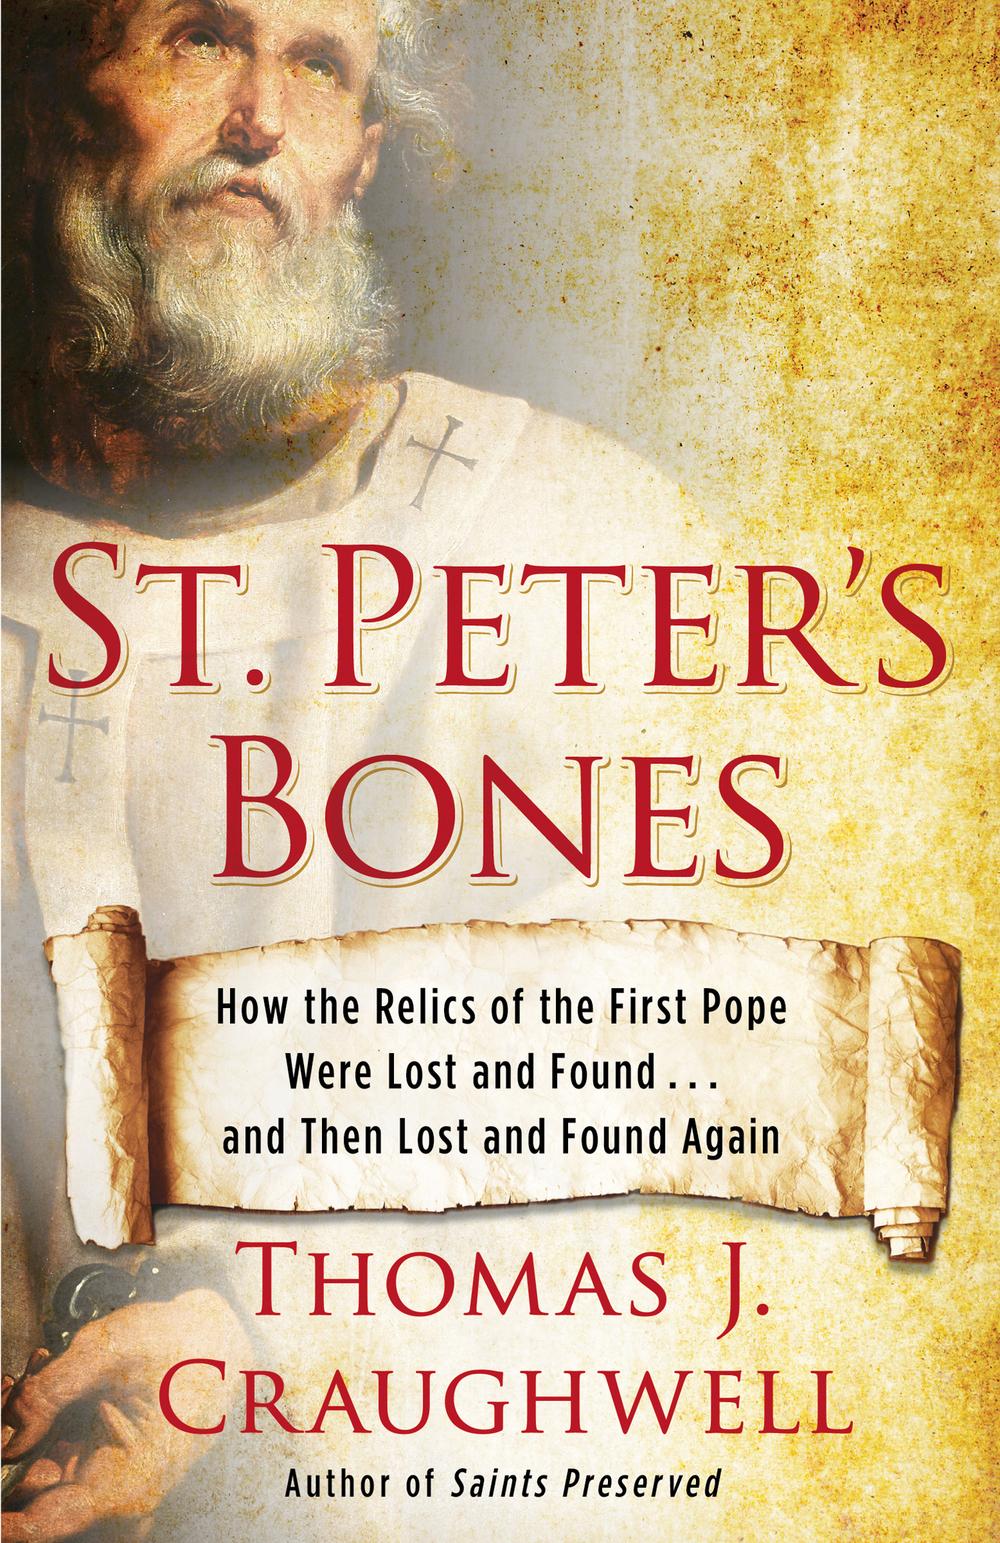 ST-PETERS-BONES-ss6.jpg